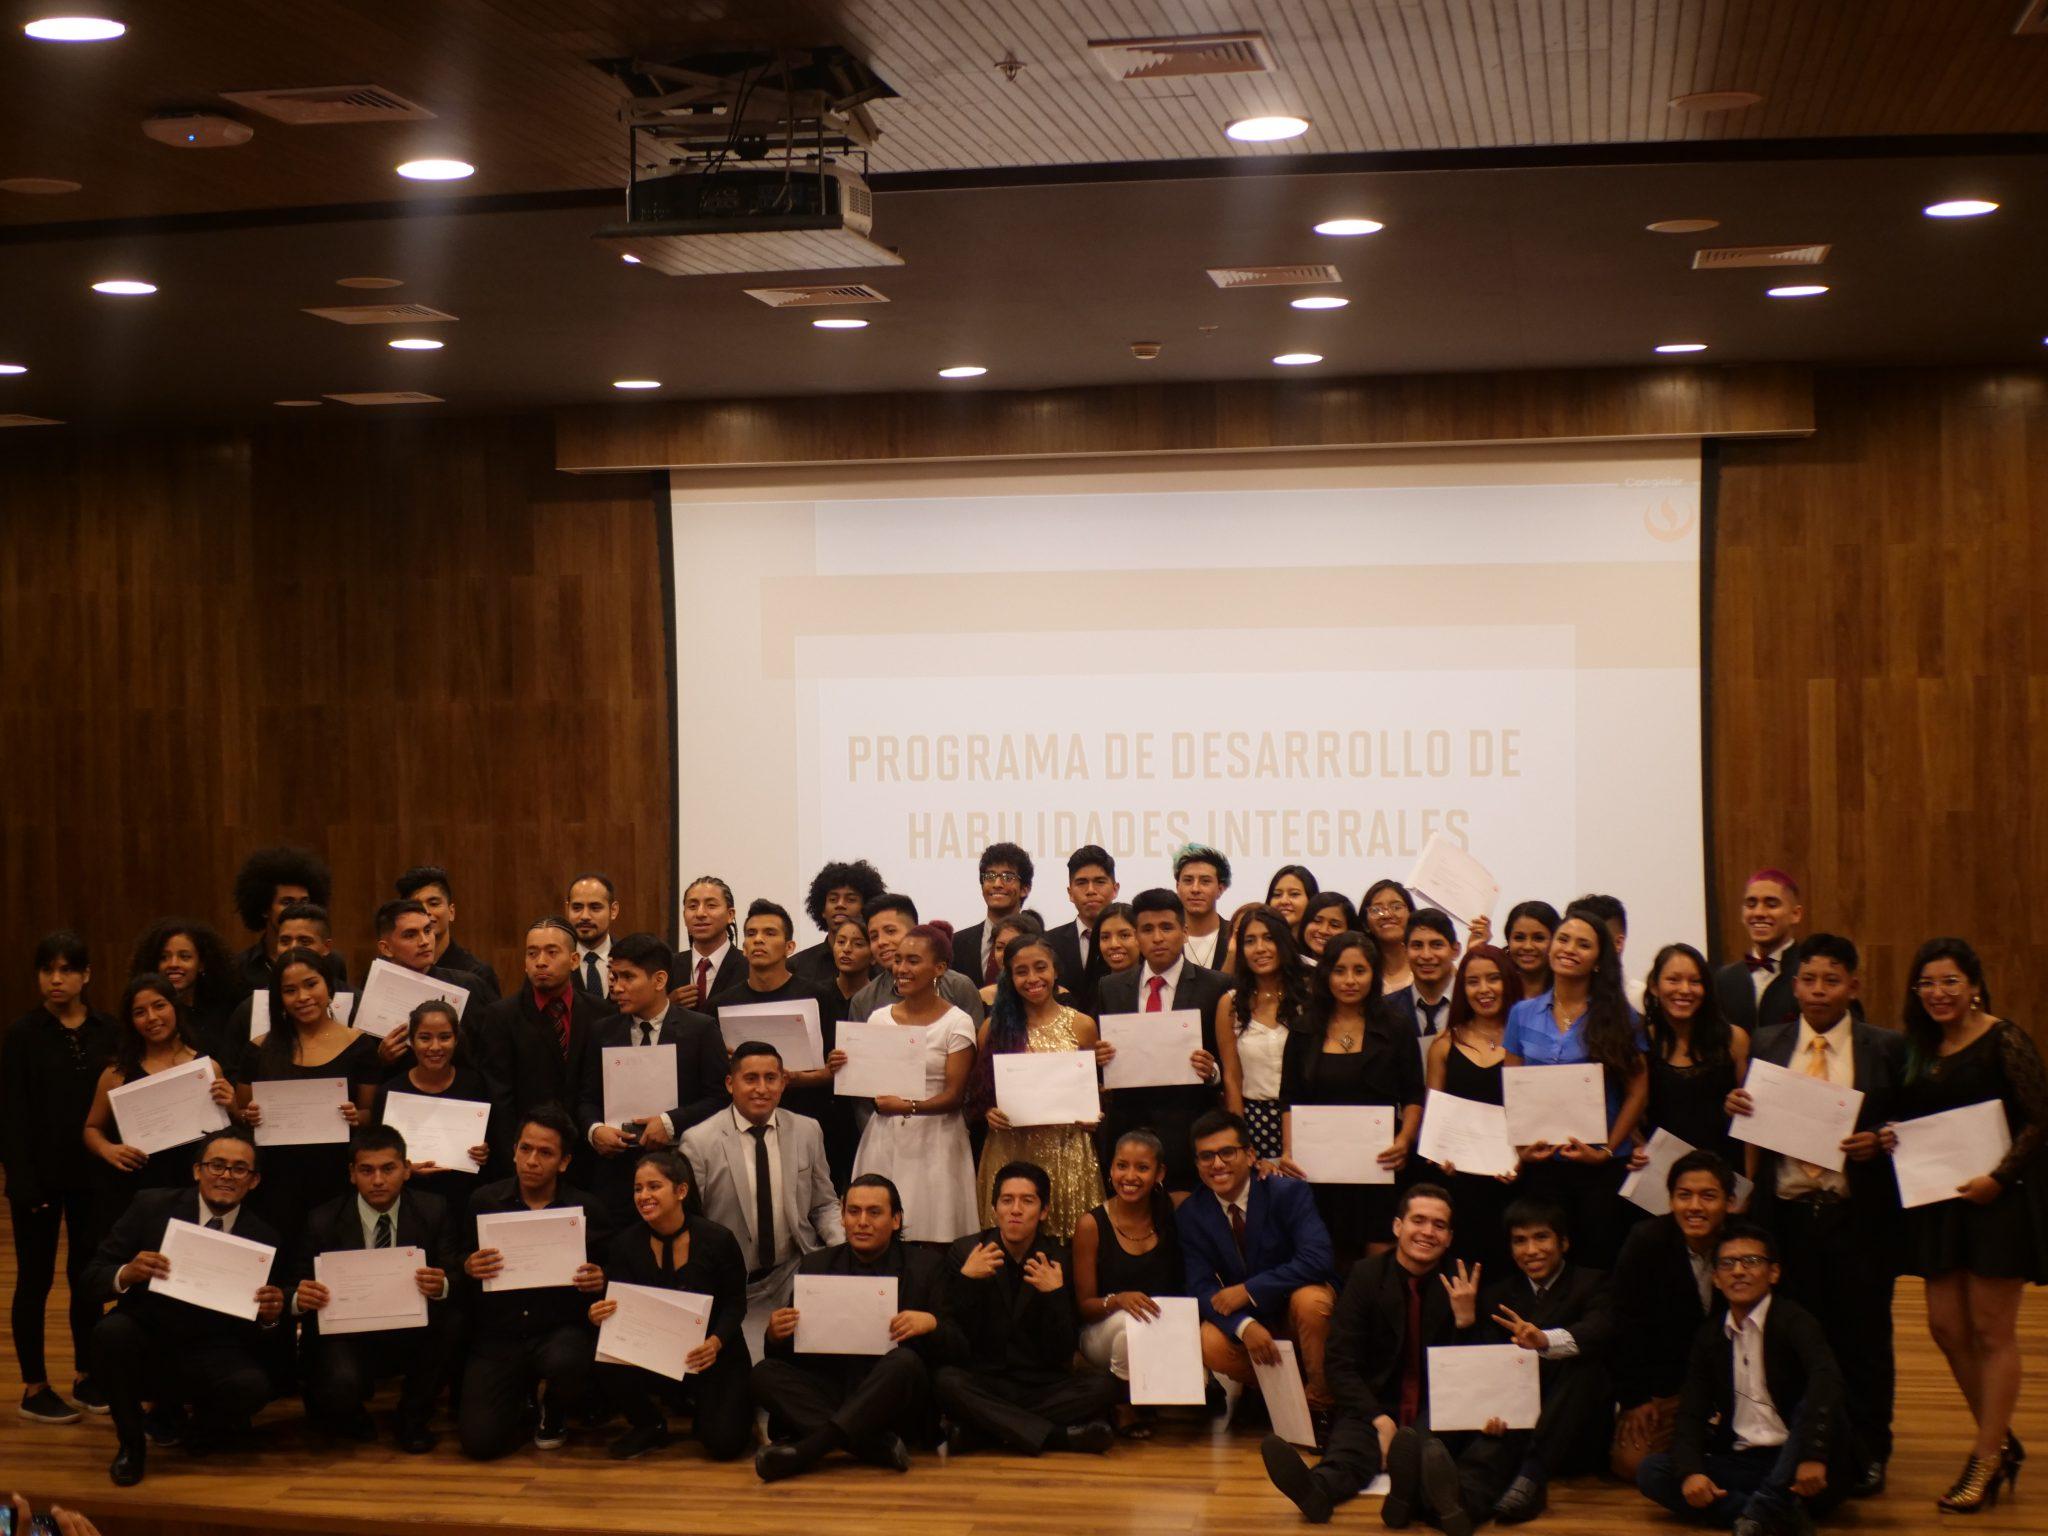 Se realizó la clausura de la sexta edición del Programa de Desarrollo de Habilidades Integrales UPC